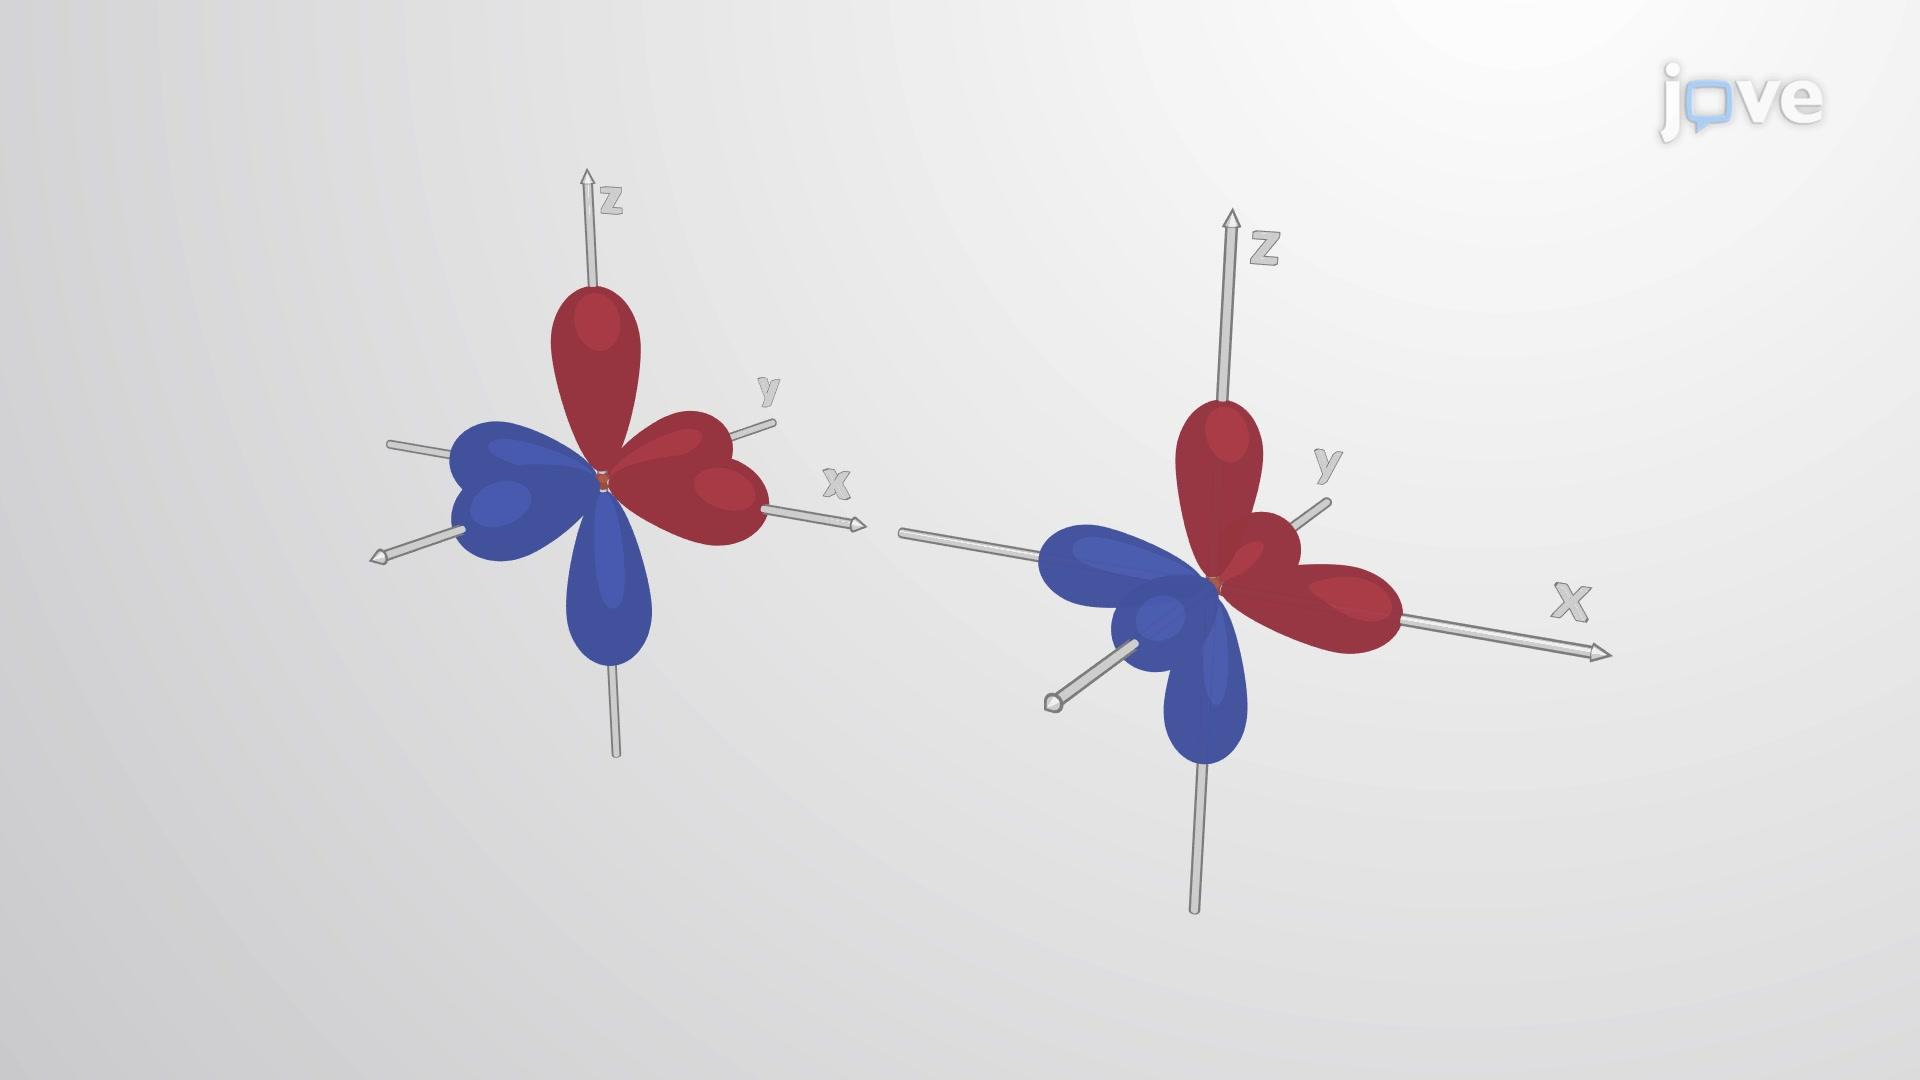 分子轨道理论 I